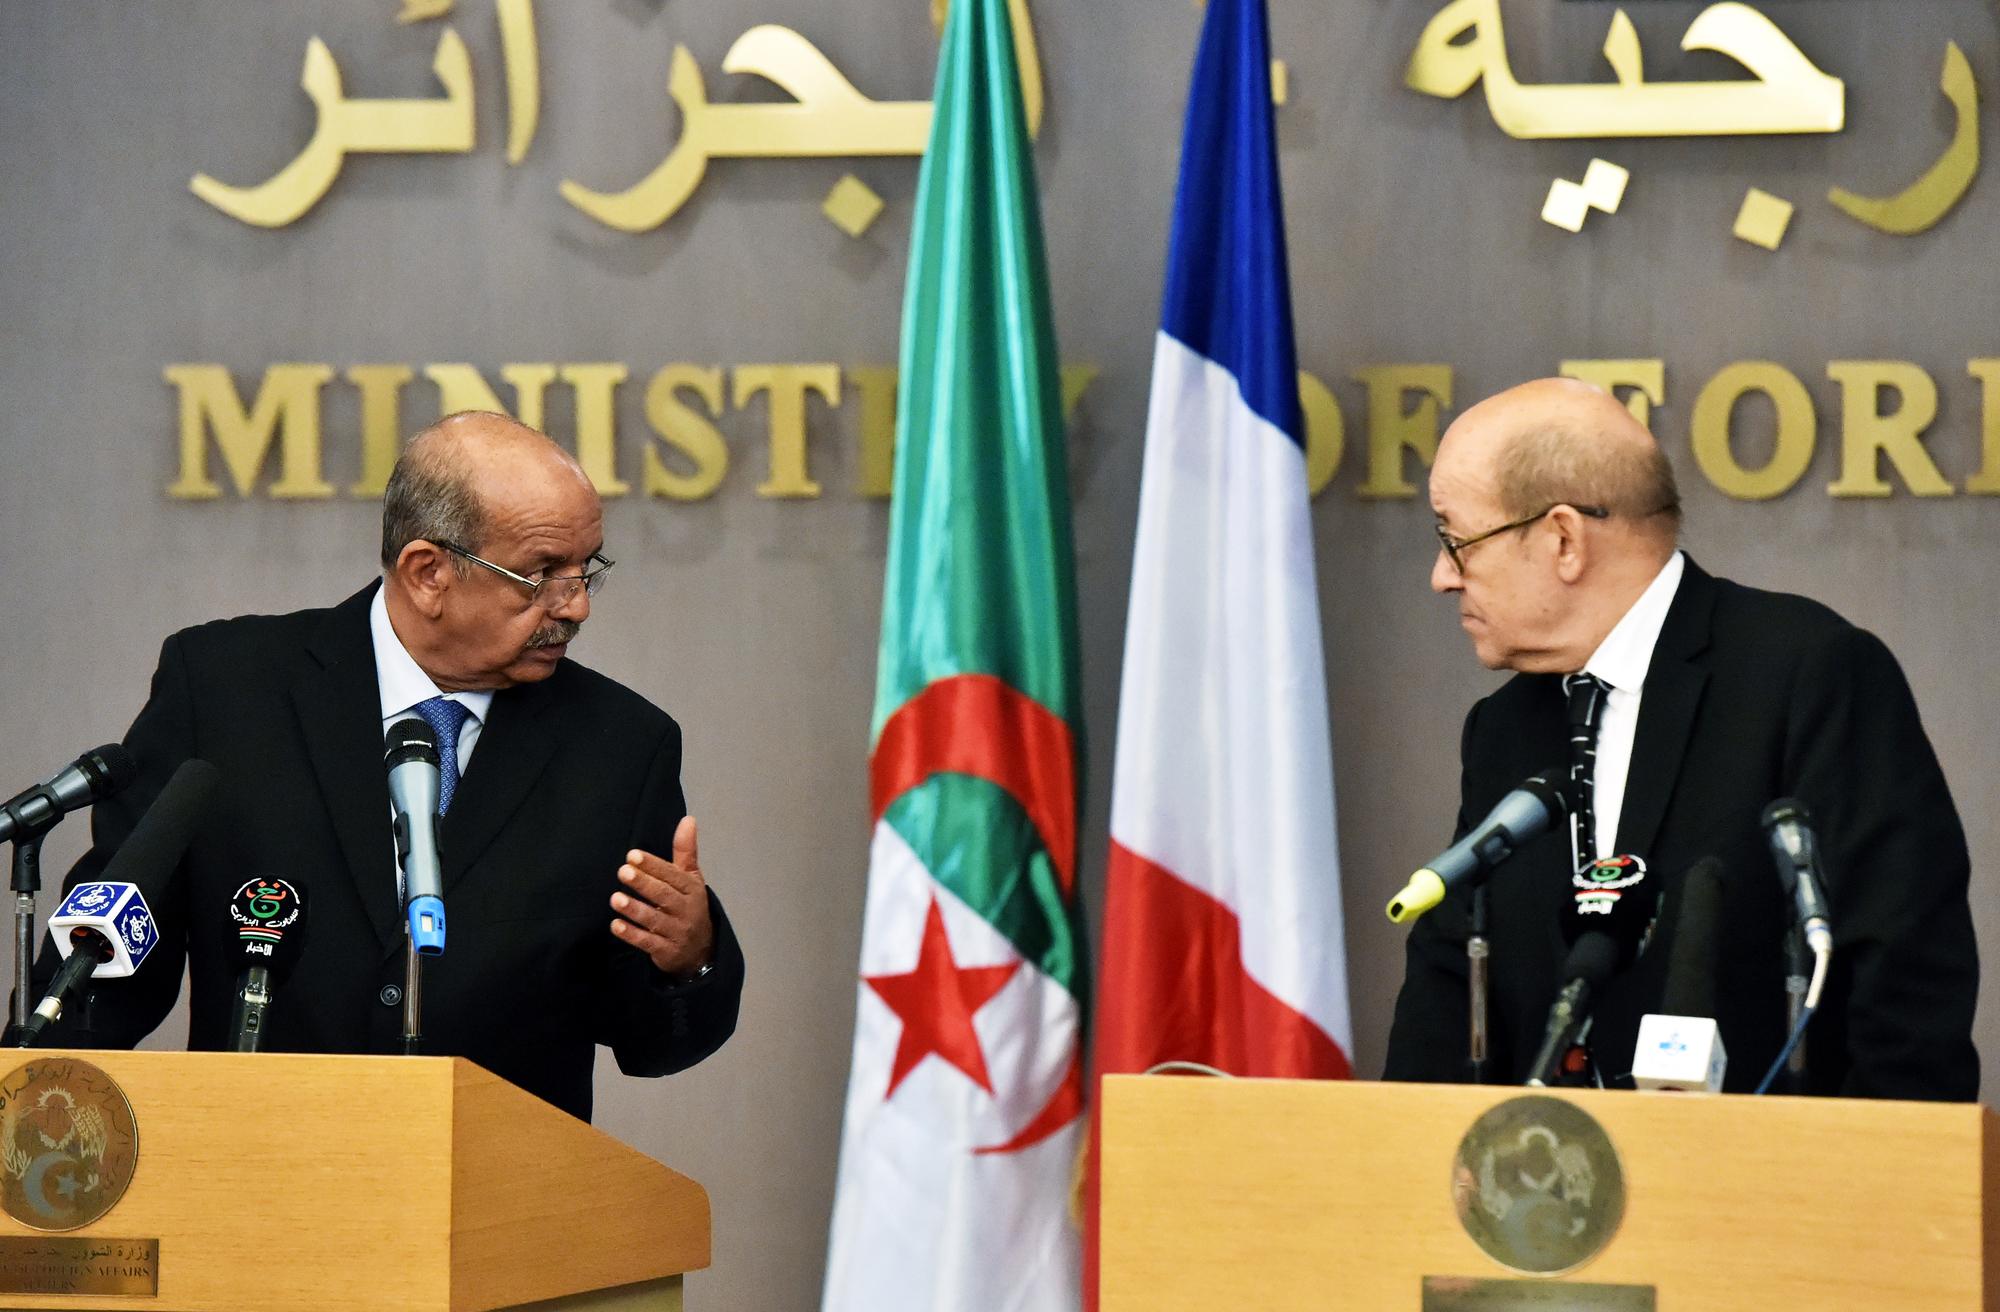 Les ministres algérien et français des Affaires étrangères, Abdelkader Messahel et Jean-Yves Le Drian, lors d'une conférence de presse à Alger, le 13juin 2017.